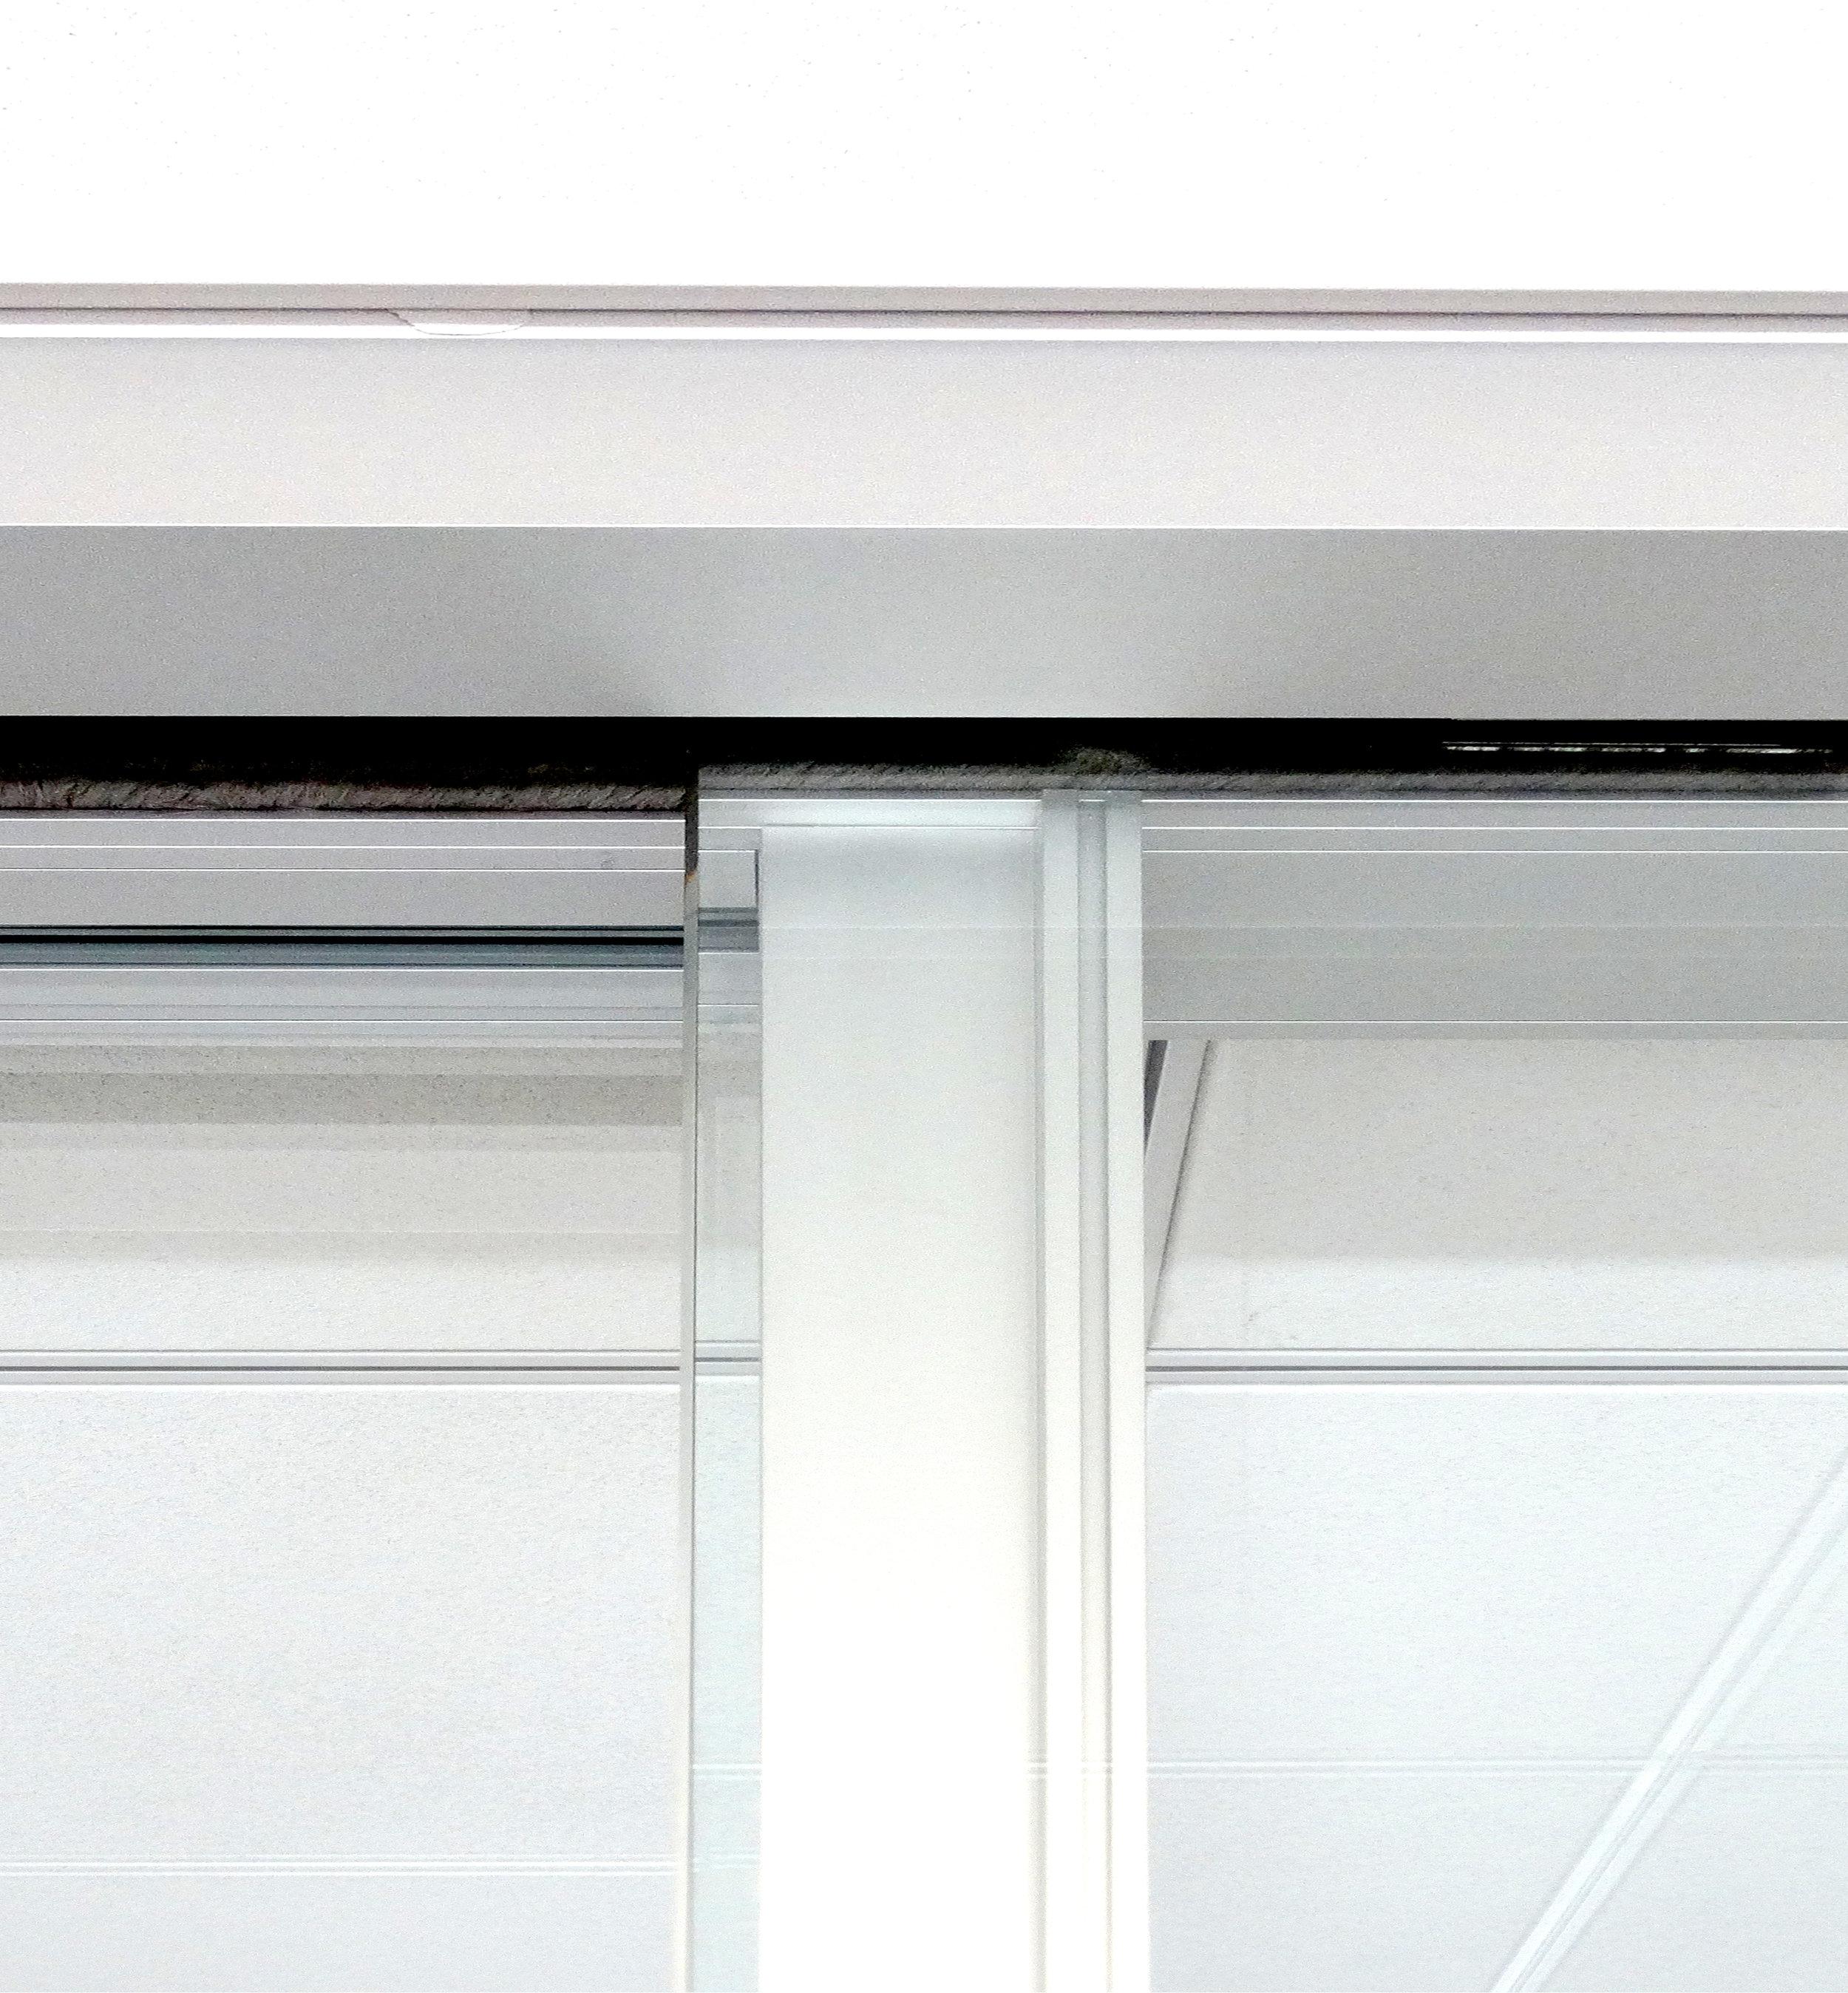 Litespace Frameless Glass Sliding Door Head Detail - Spaceworks AI.jpg